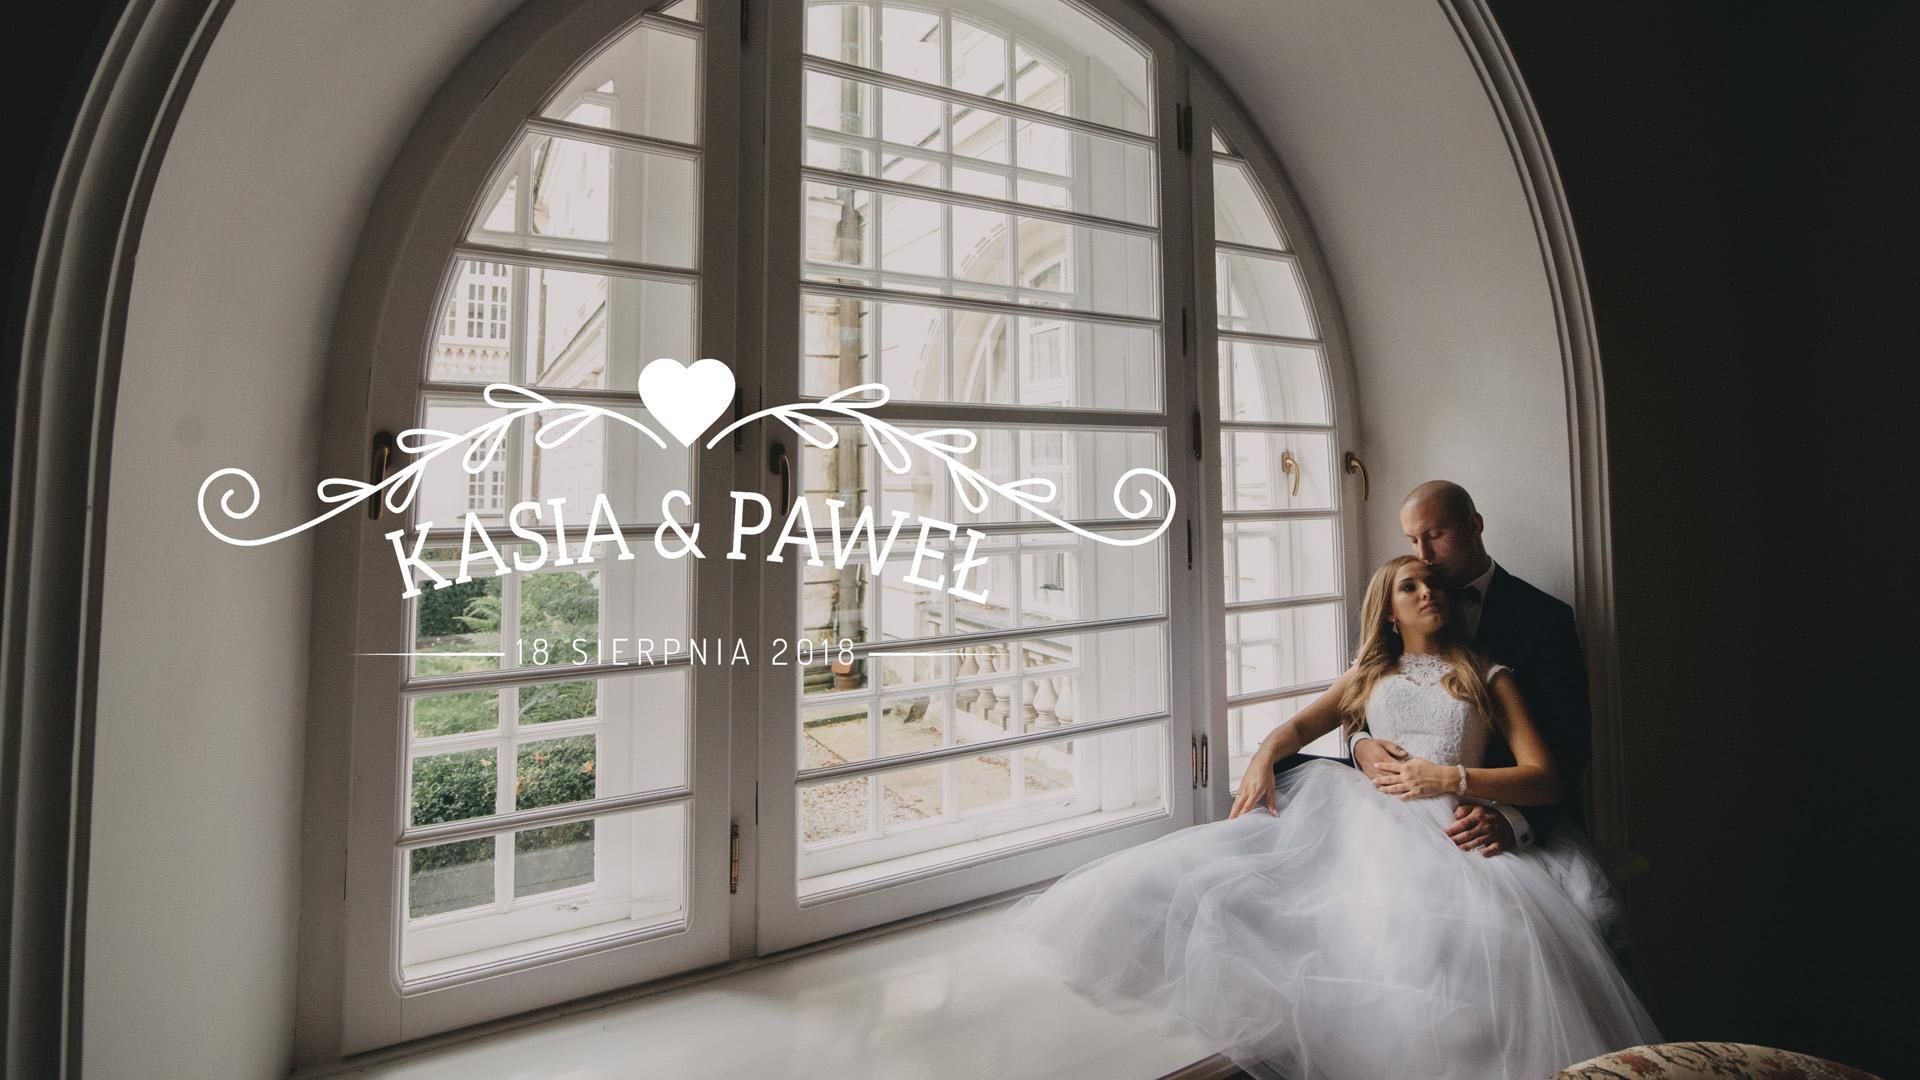 PAMIĄTKA ŚLUBU – Kasia & Paweł (4K UHD)